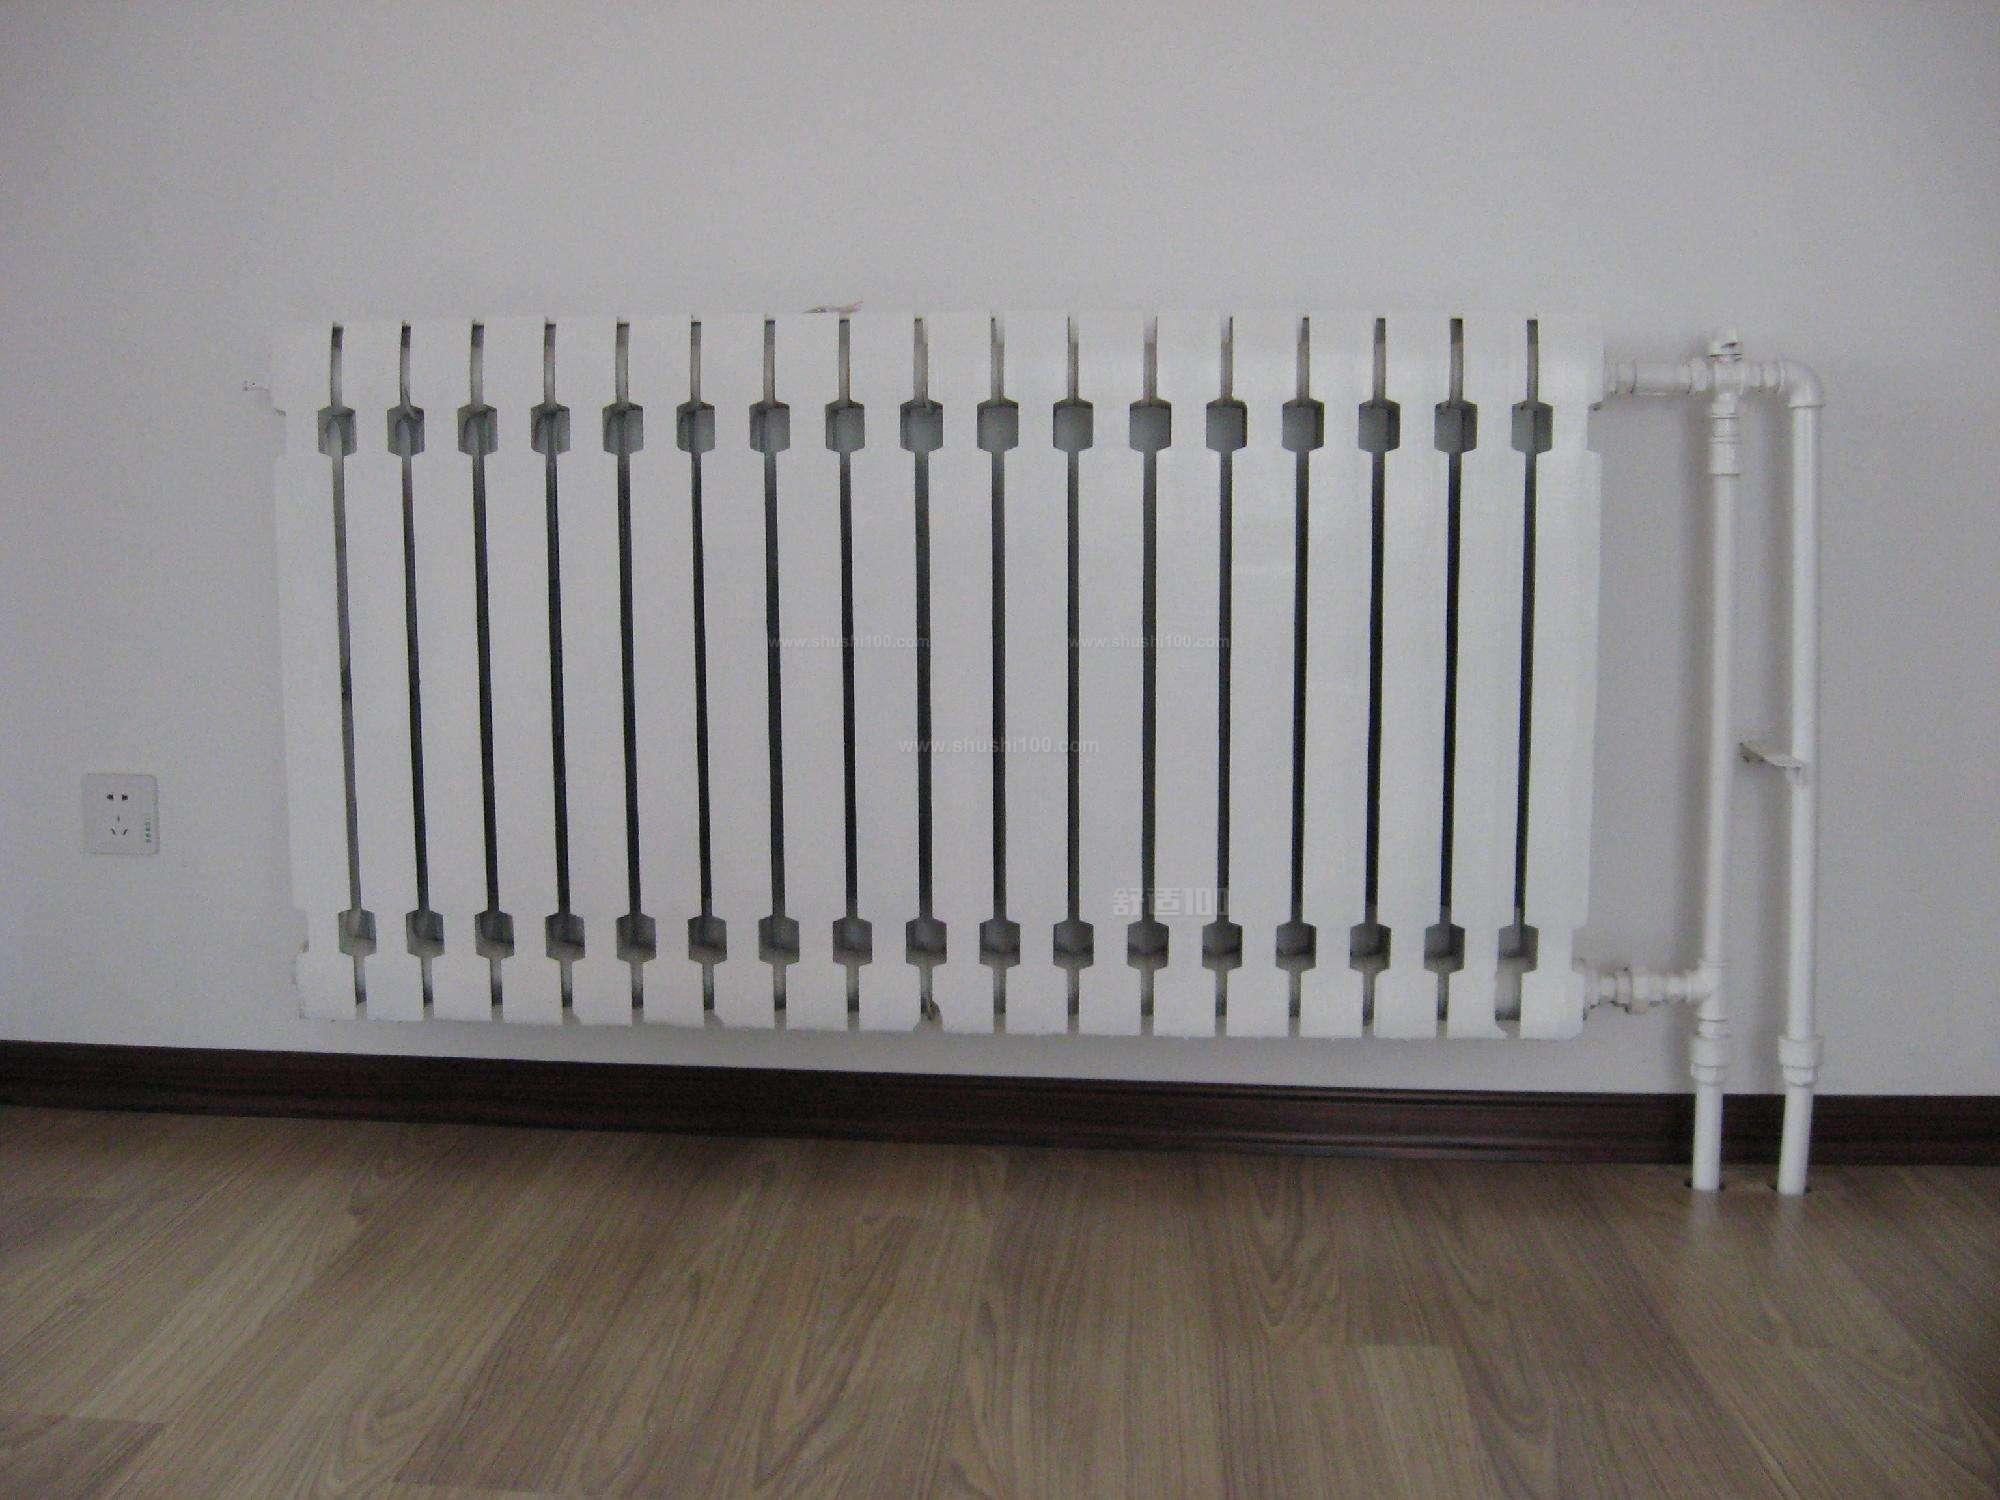 北京圣劳伦斯散热器制造有限公司是一家集研发、生产和销售于一体的专业生产新型采暖散热器的企业,并于2015年起进军管材管件市场,推出管材管件系列产品。公司自成立以来,一直以改善消费者家居生活品质为目标,始终致力于新型采暖设备的研发和制造,推行全面科学的管理,产品涵括钢制暖气片、铜铝复合暖气片、卫浴暖气片、艺术暖气片,以及PP-R管、铝塑管、地暖管、分集水器、混水系统等管材管件,形成完整的产品和服务链。近年来,圣劳伦斯散热器以工艺精、品质高、服务好赢得了建筑装饰行业及广大消费者的认可。 以上这些就是小编为大家